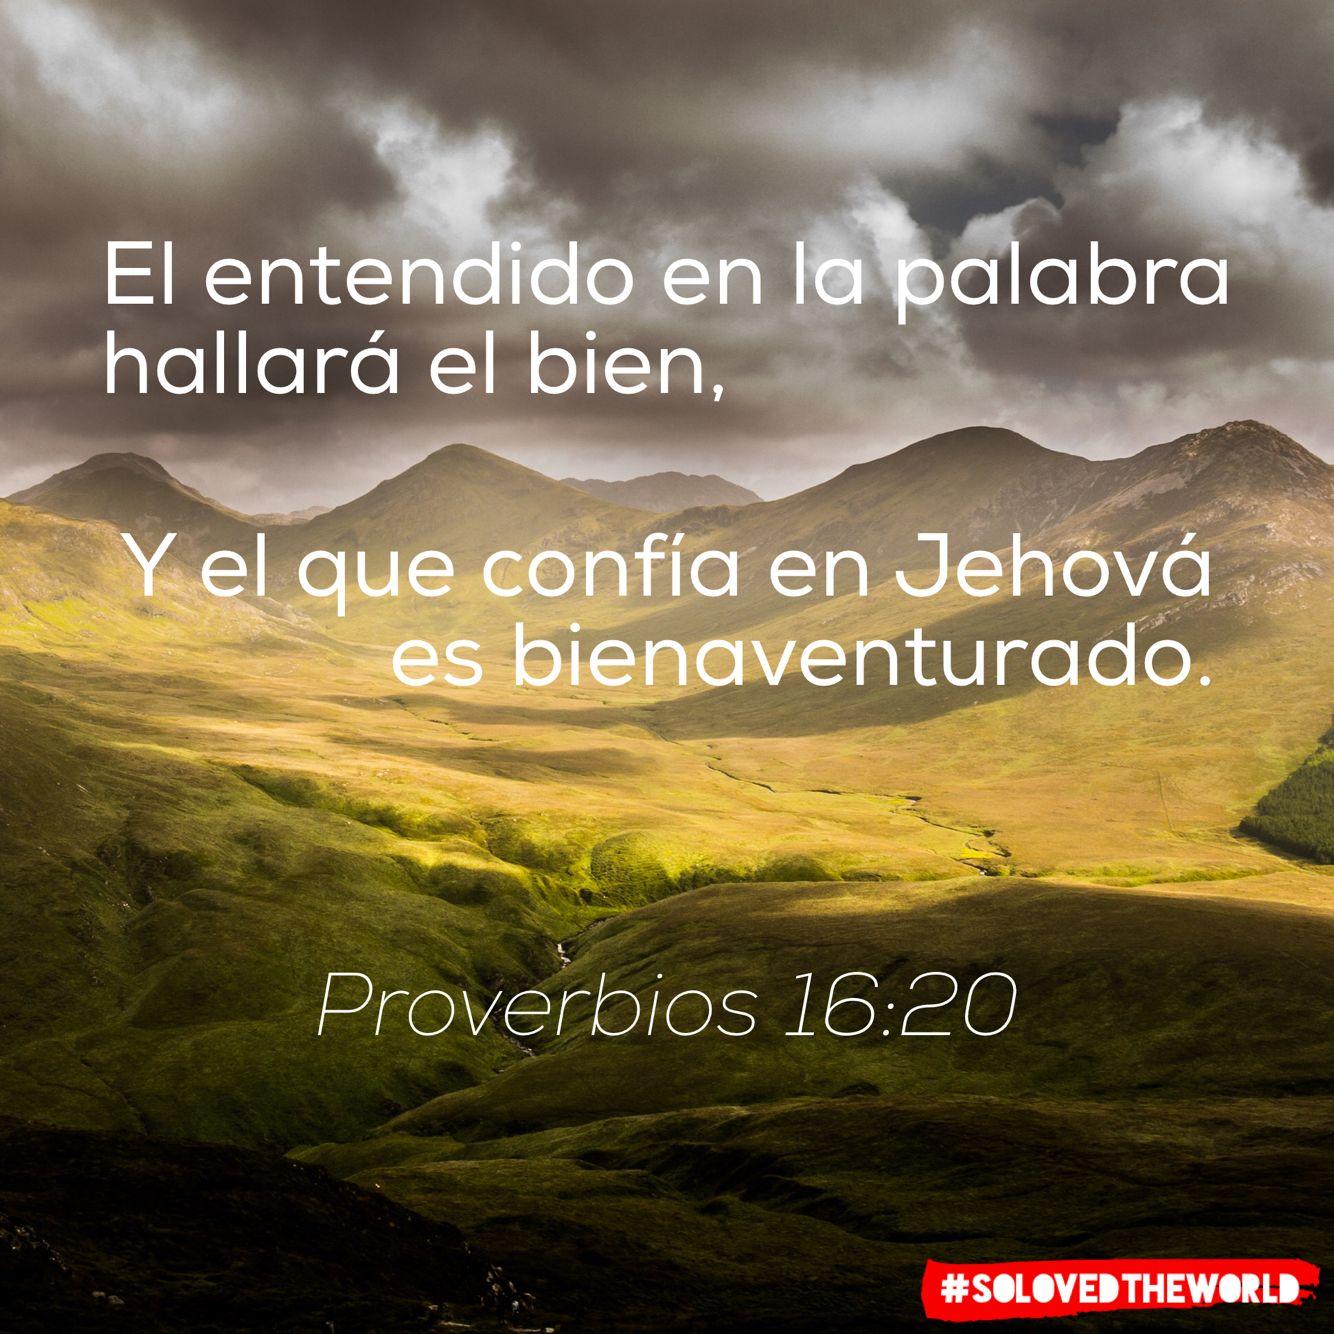 El entendido en la palabra hallará el bien, Y el que confía en Jehová es bienaventurado. Proverbios 16:20 #Jesus #God #Gospel #Bible #Love #solovedtheworld